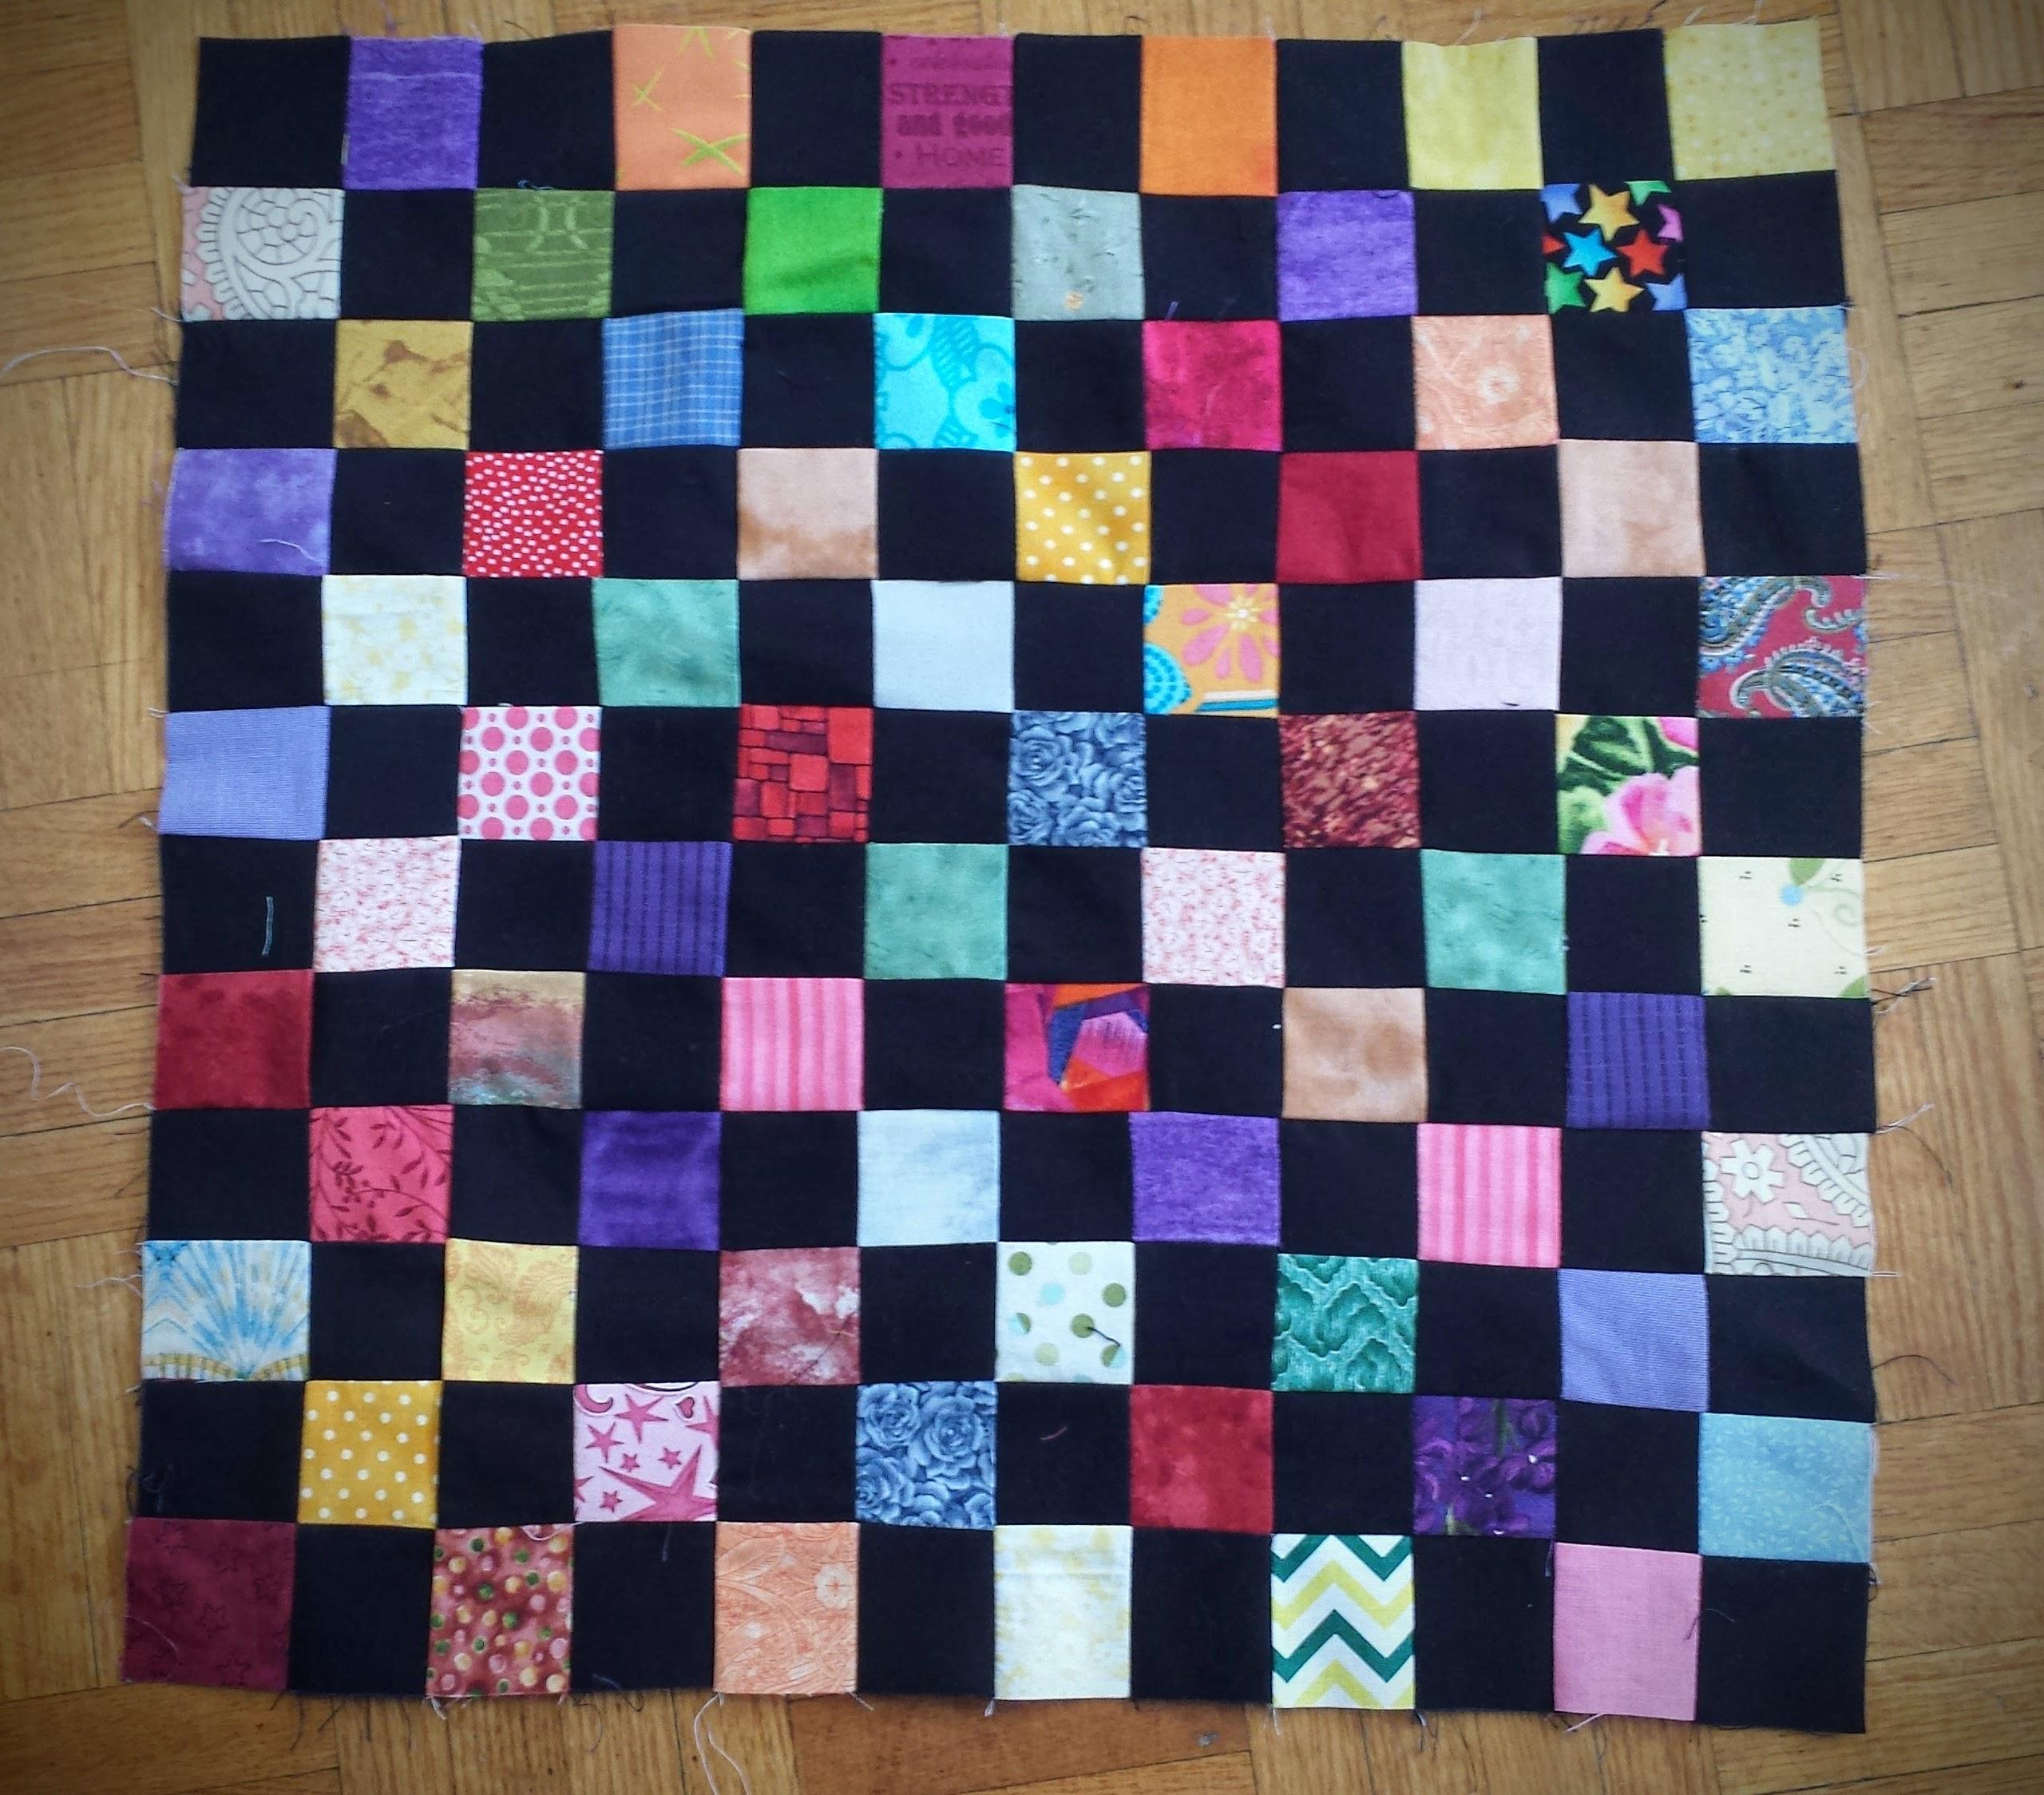 144 Patch Quilt